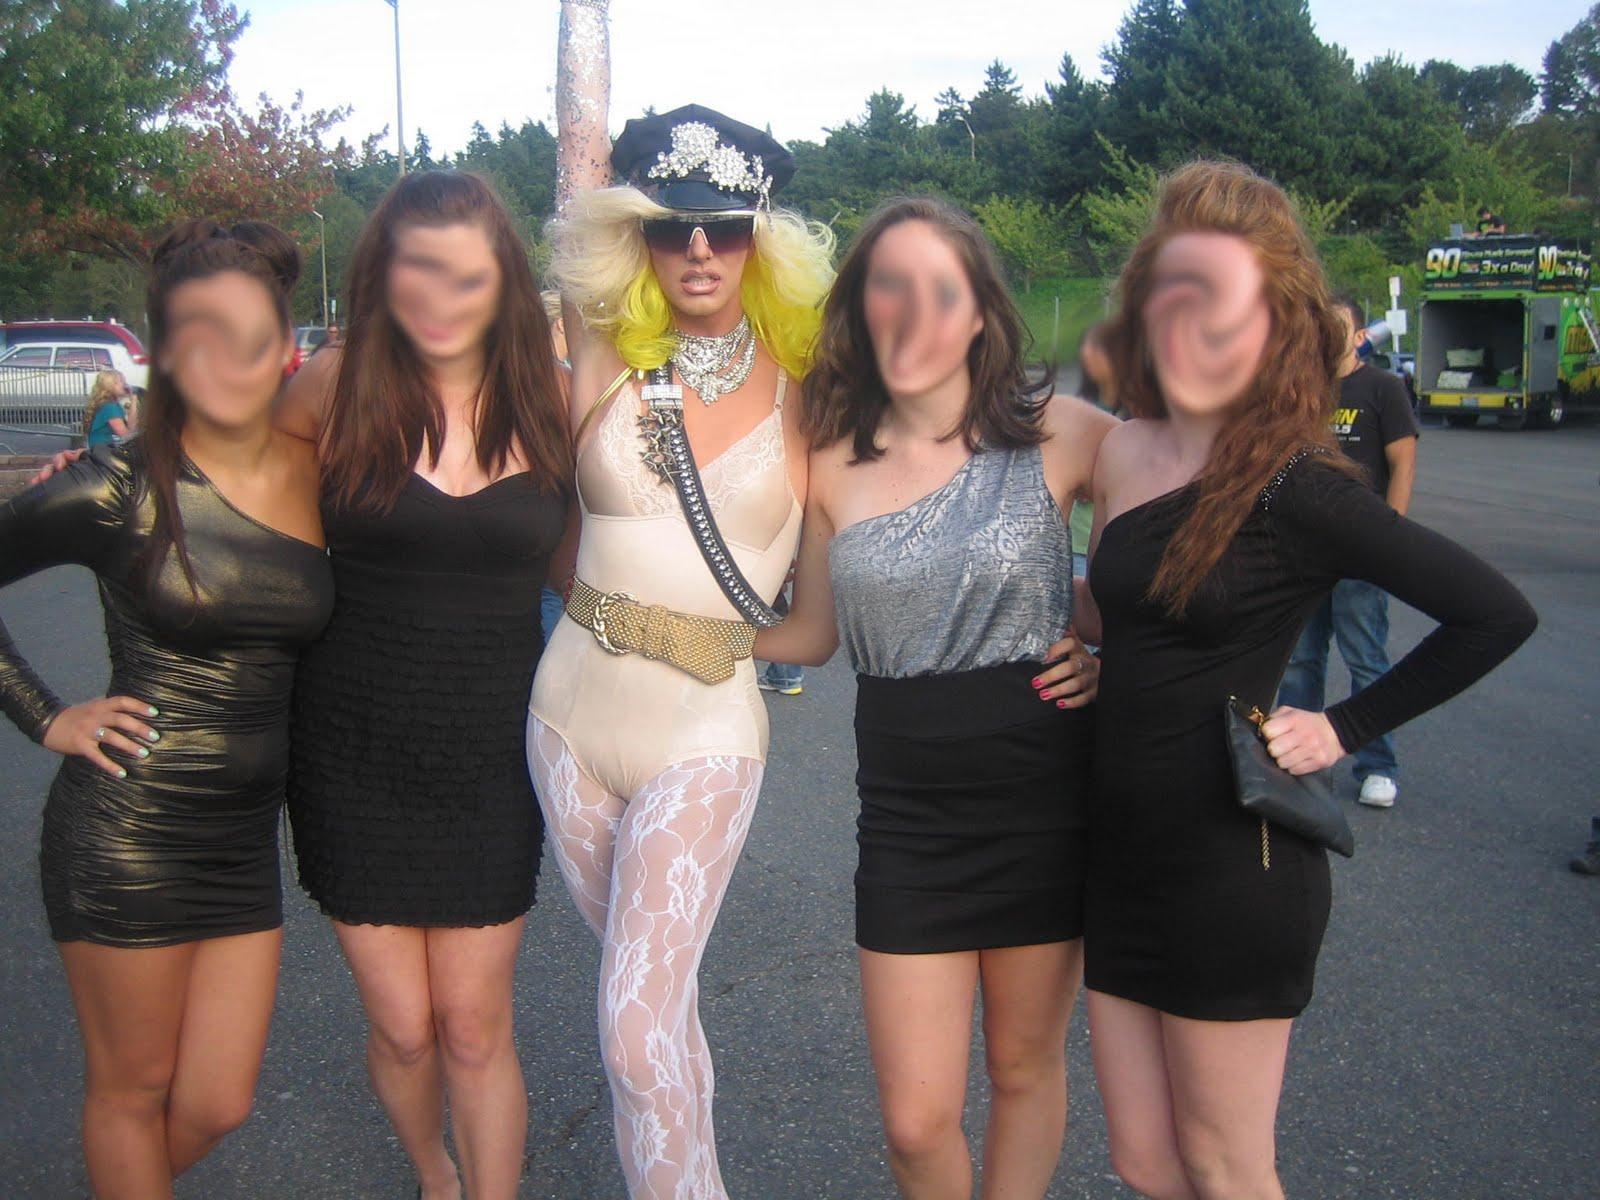 http://1.bp.blogspot.com/_z22KIafhDkw/THcWtGMzfoI/AAAAAAAABGY/eGWx5IUFlYc/s1600/Lady+Gaga+1.jpg